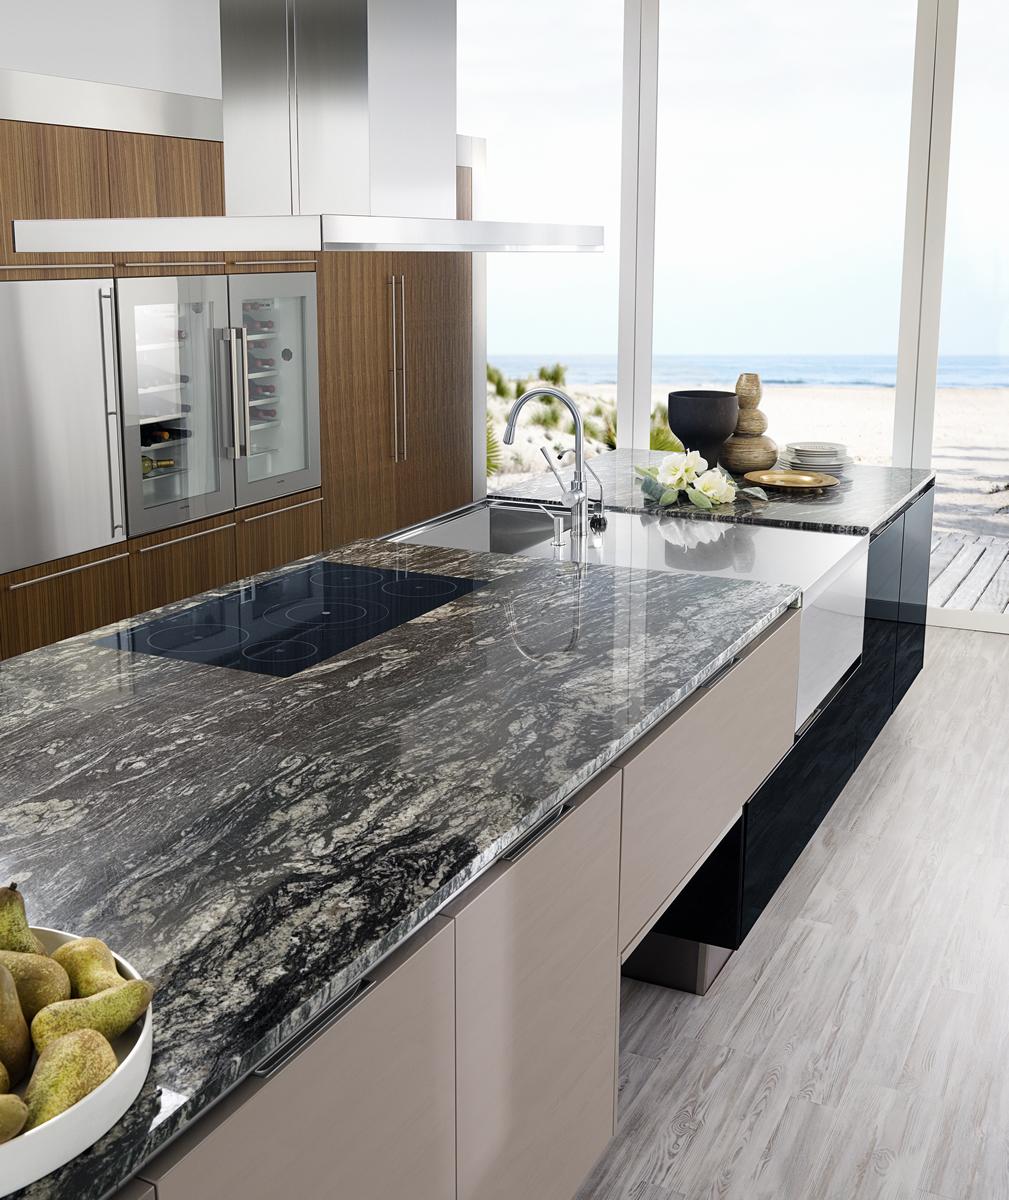 Kuher encimeras de cocina en zaragoza silestone compac for Colores de granito para encimeras de cocina